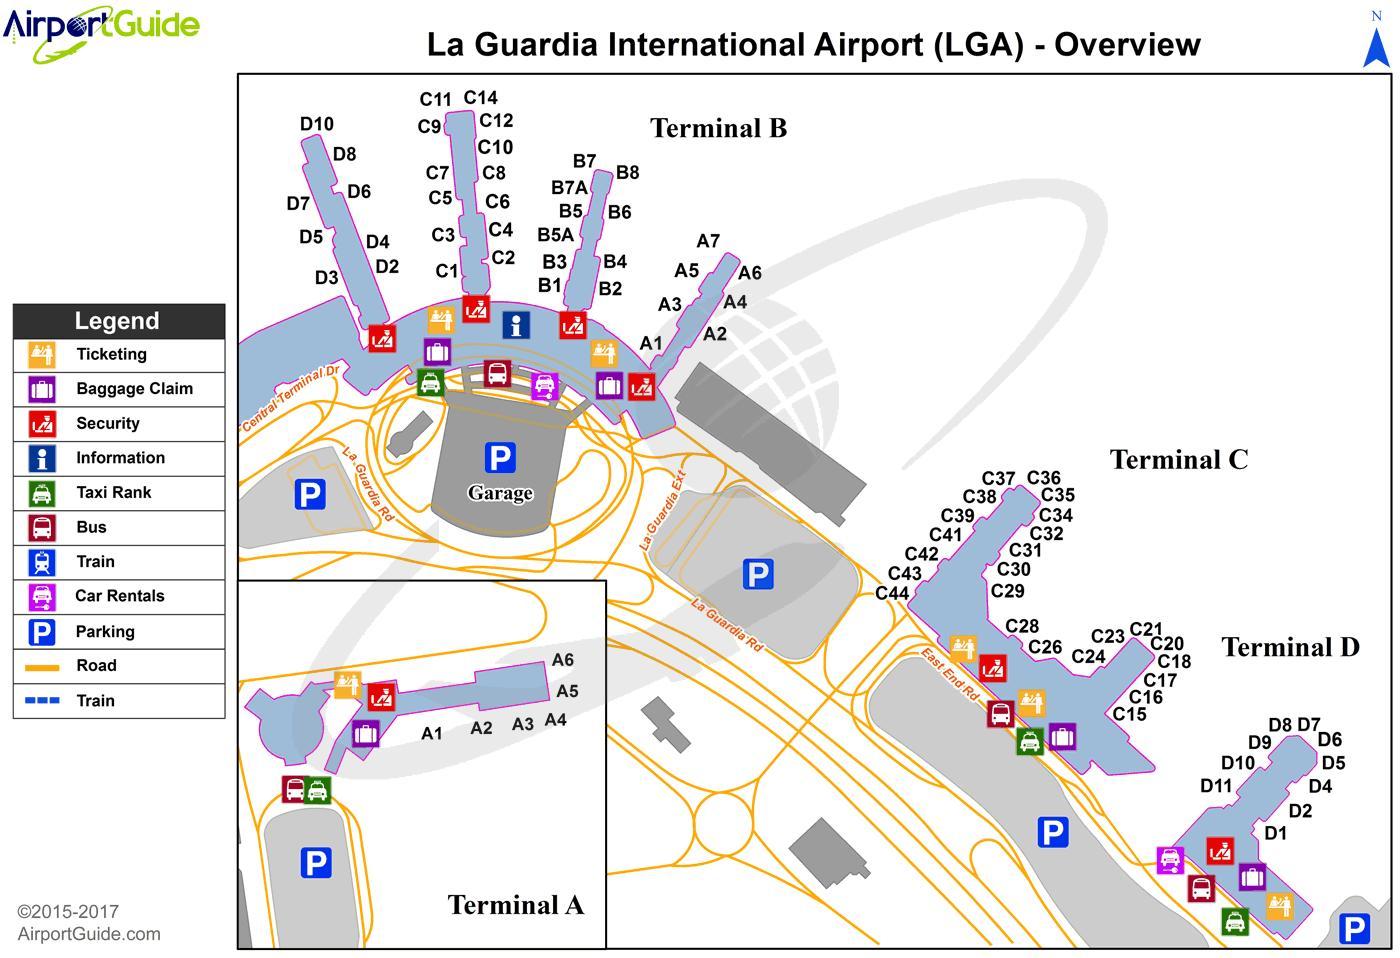 New York laguardia airport map - NYC laguardia airport map (New York ...